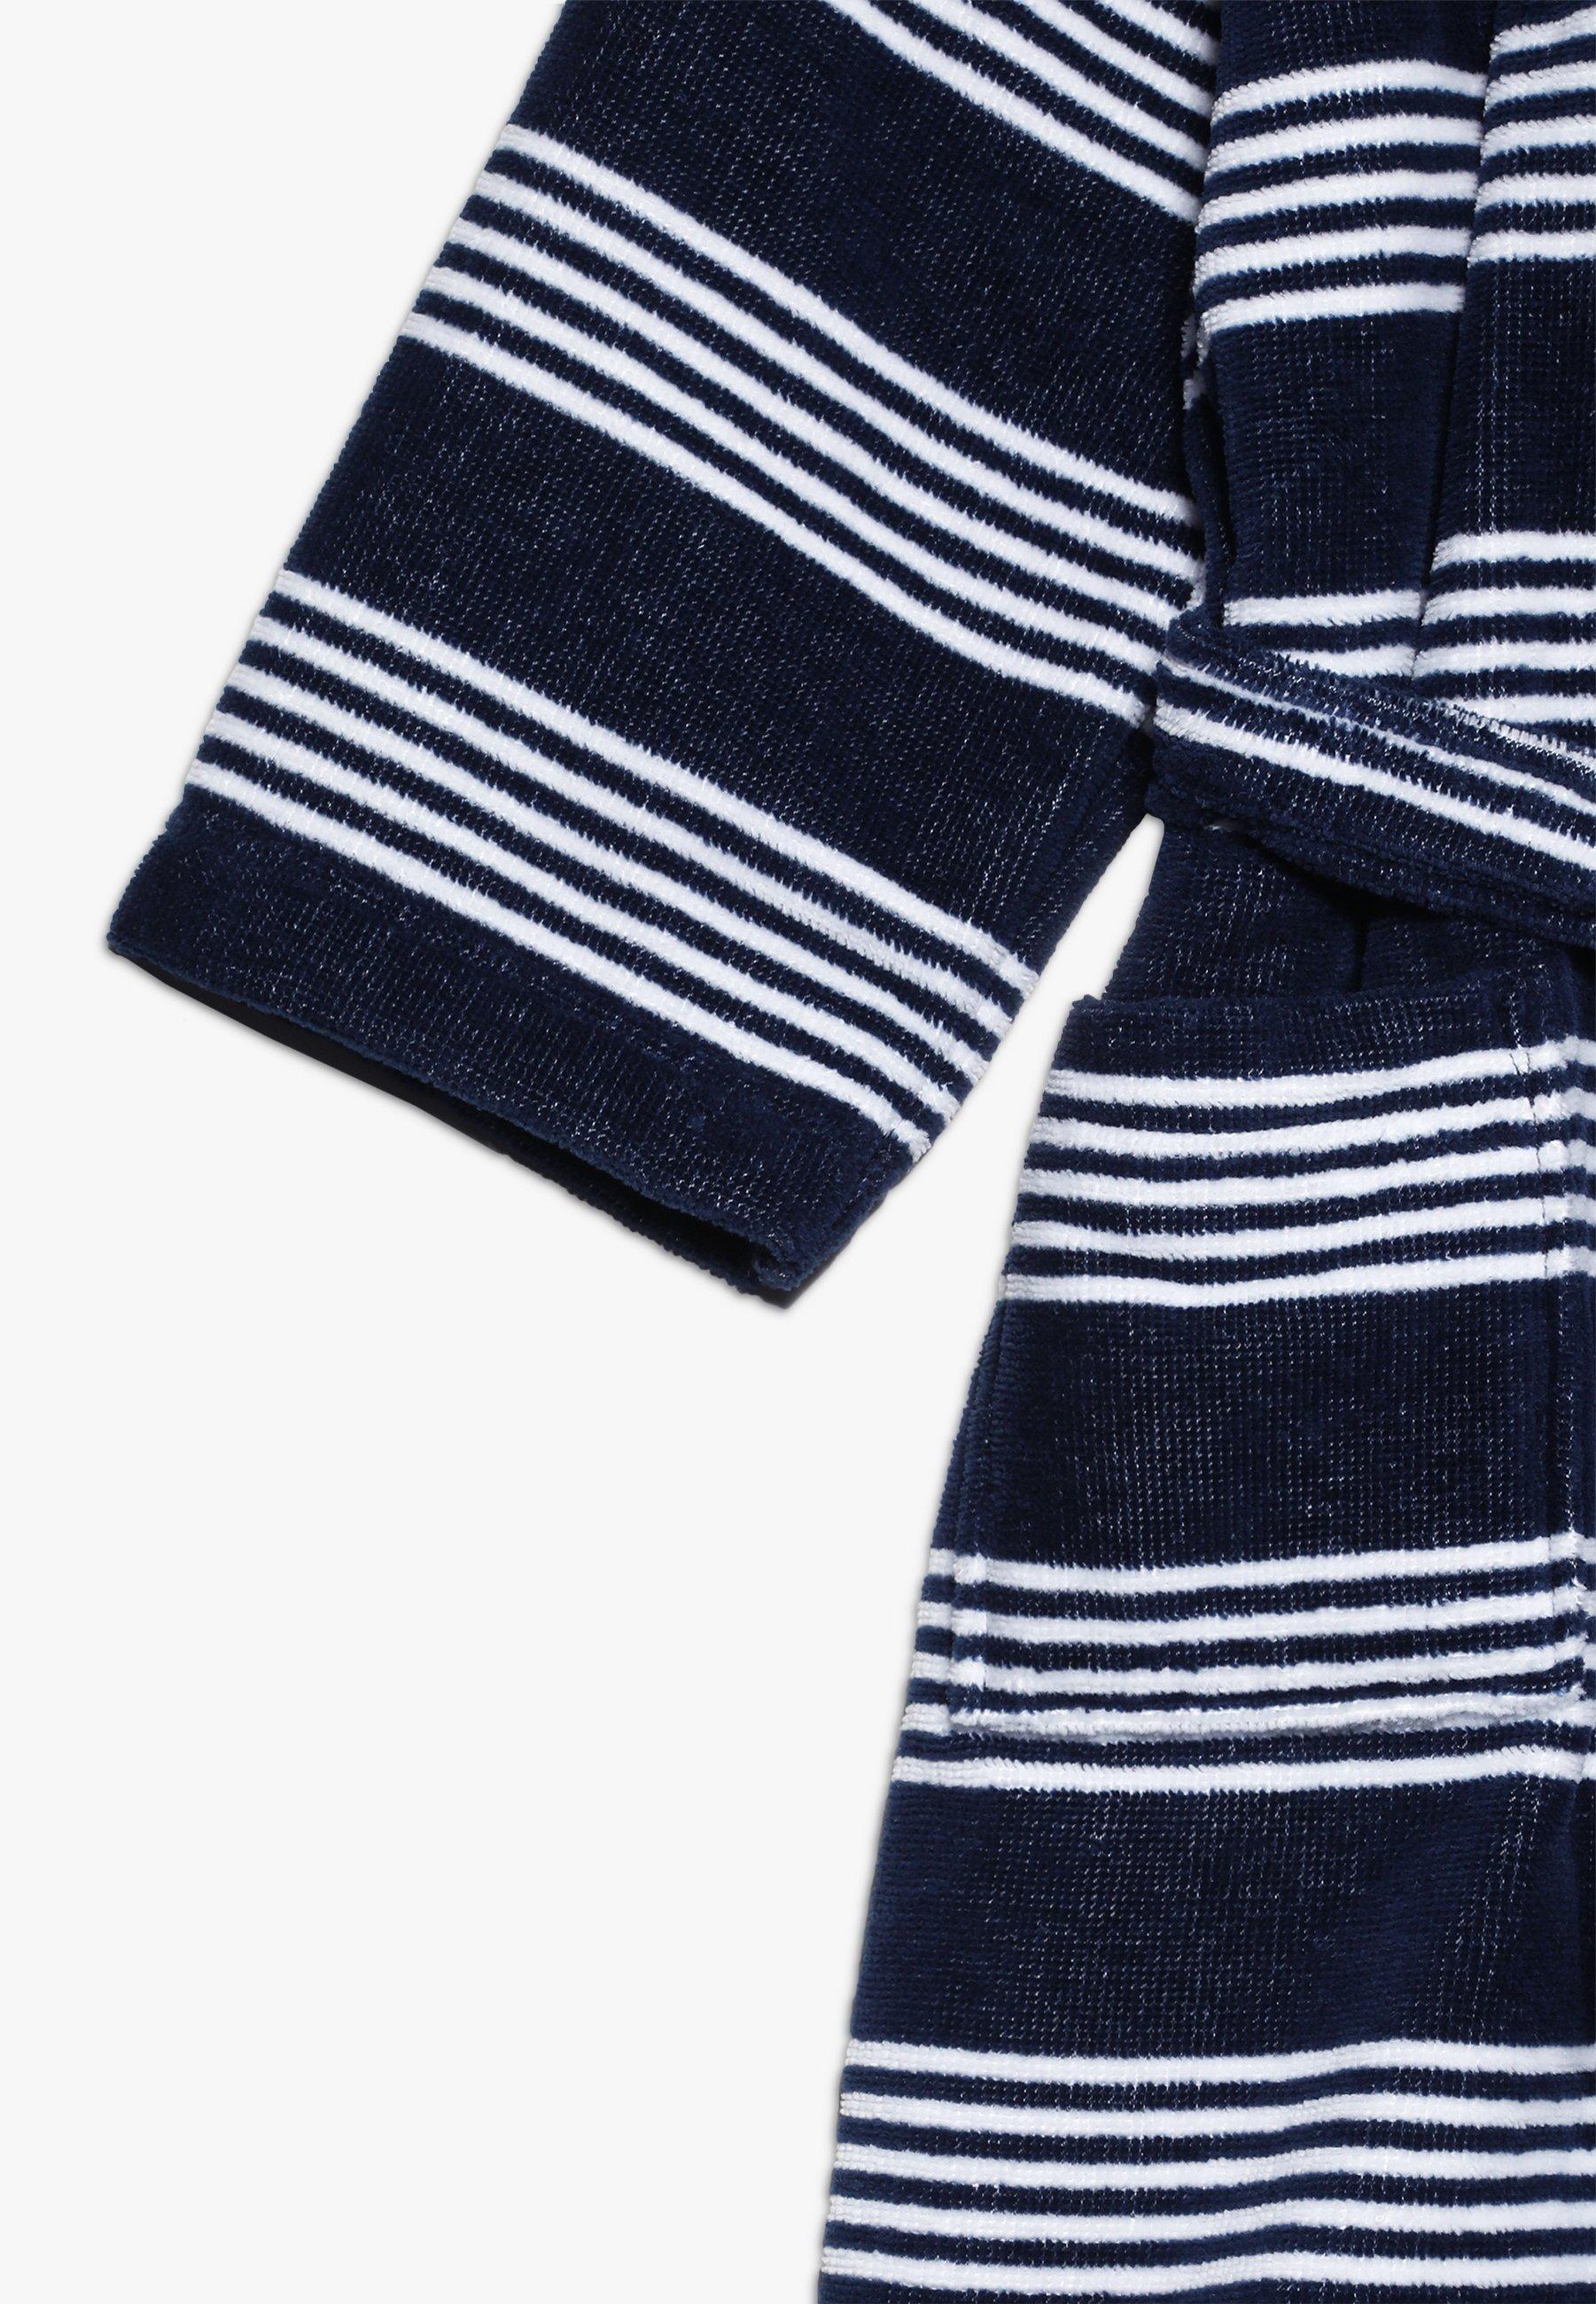 Gorąca wyprzedaż Zakupy Sanetta BATHROBE - Szlafrok - nordic blue   Dzieci Odzież 2020 FPLVu